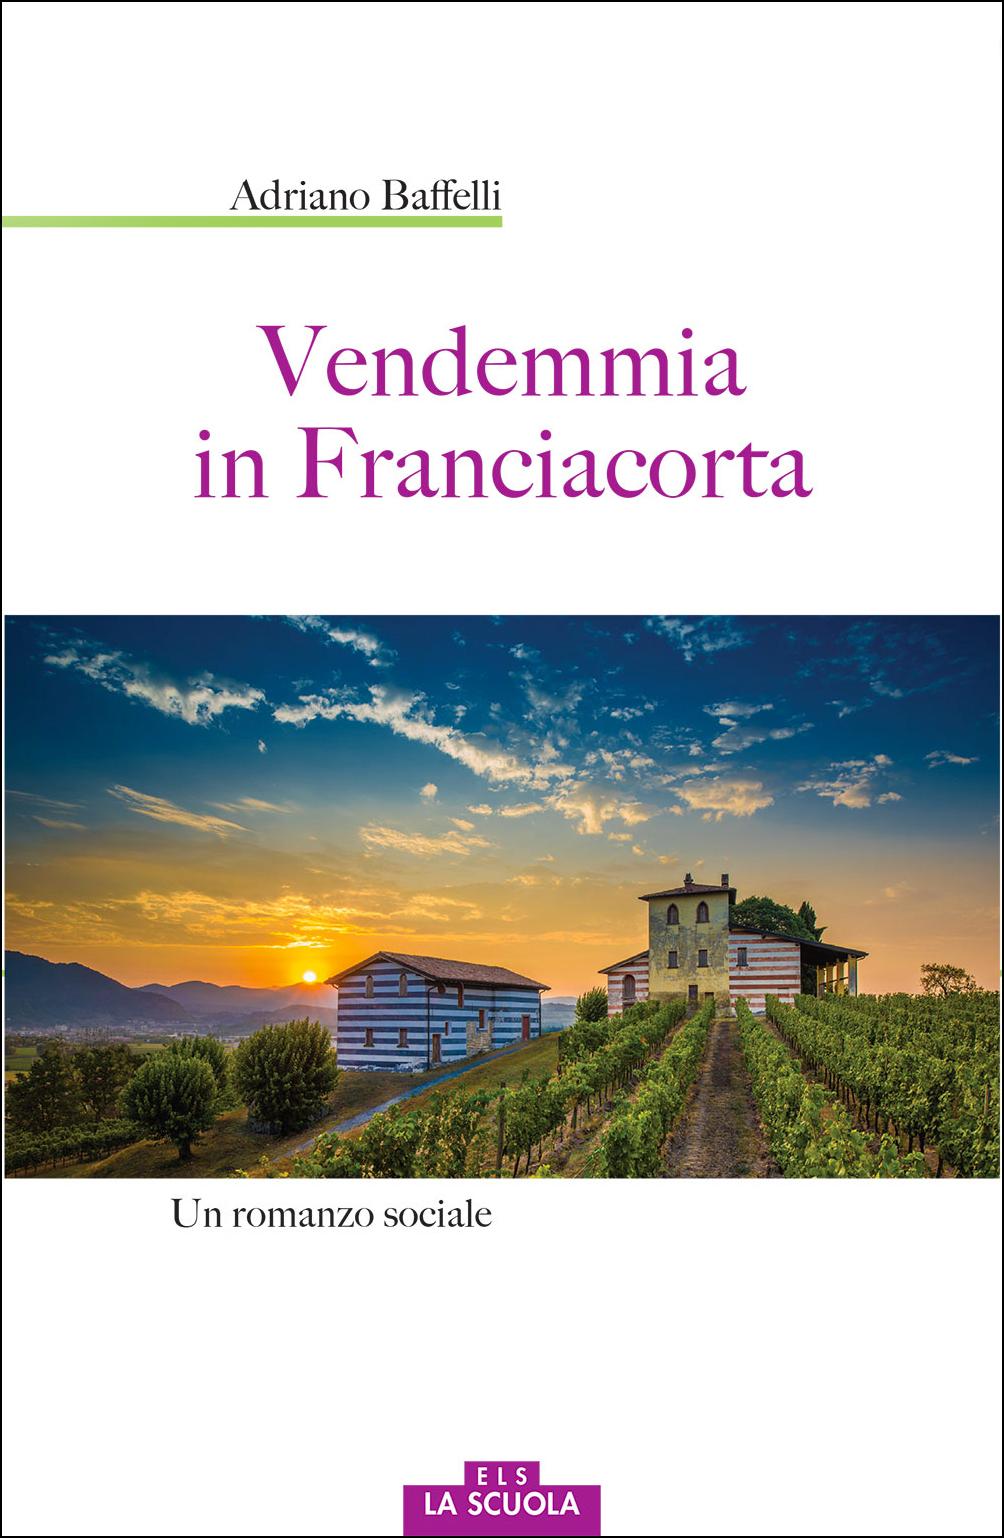 libro_vendemmiainfranciacorta cover